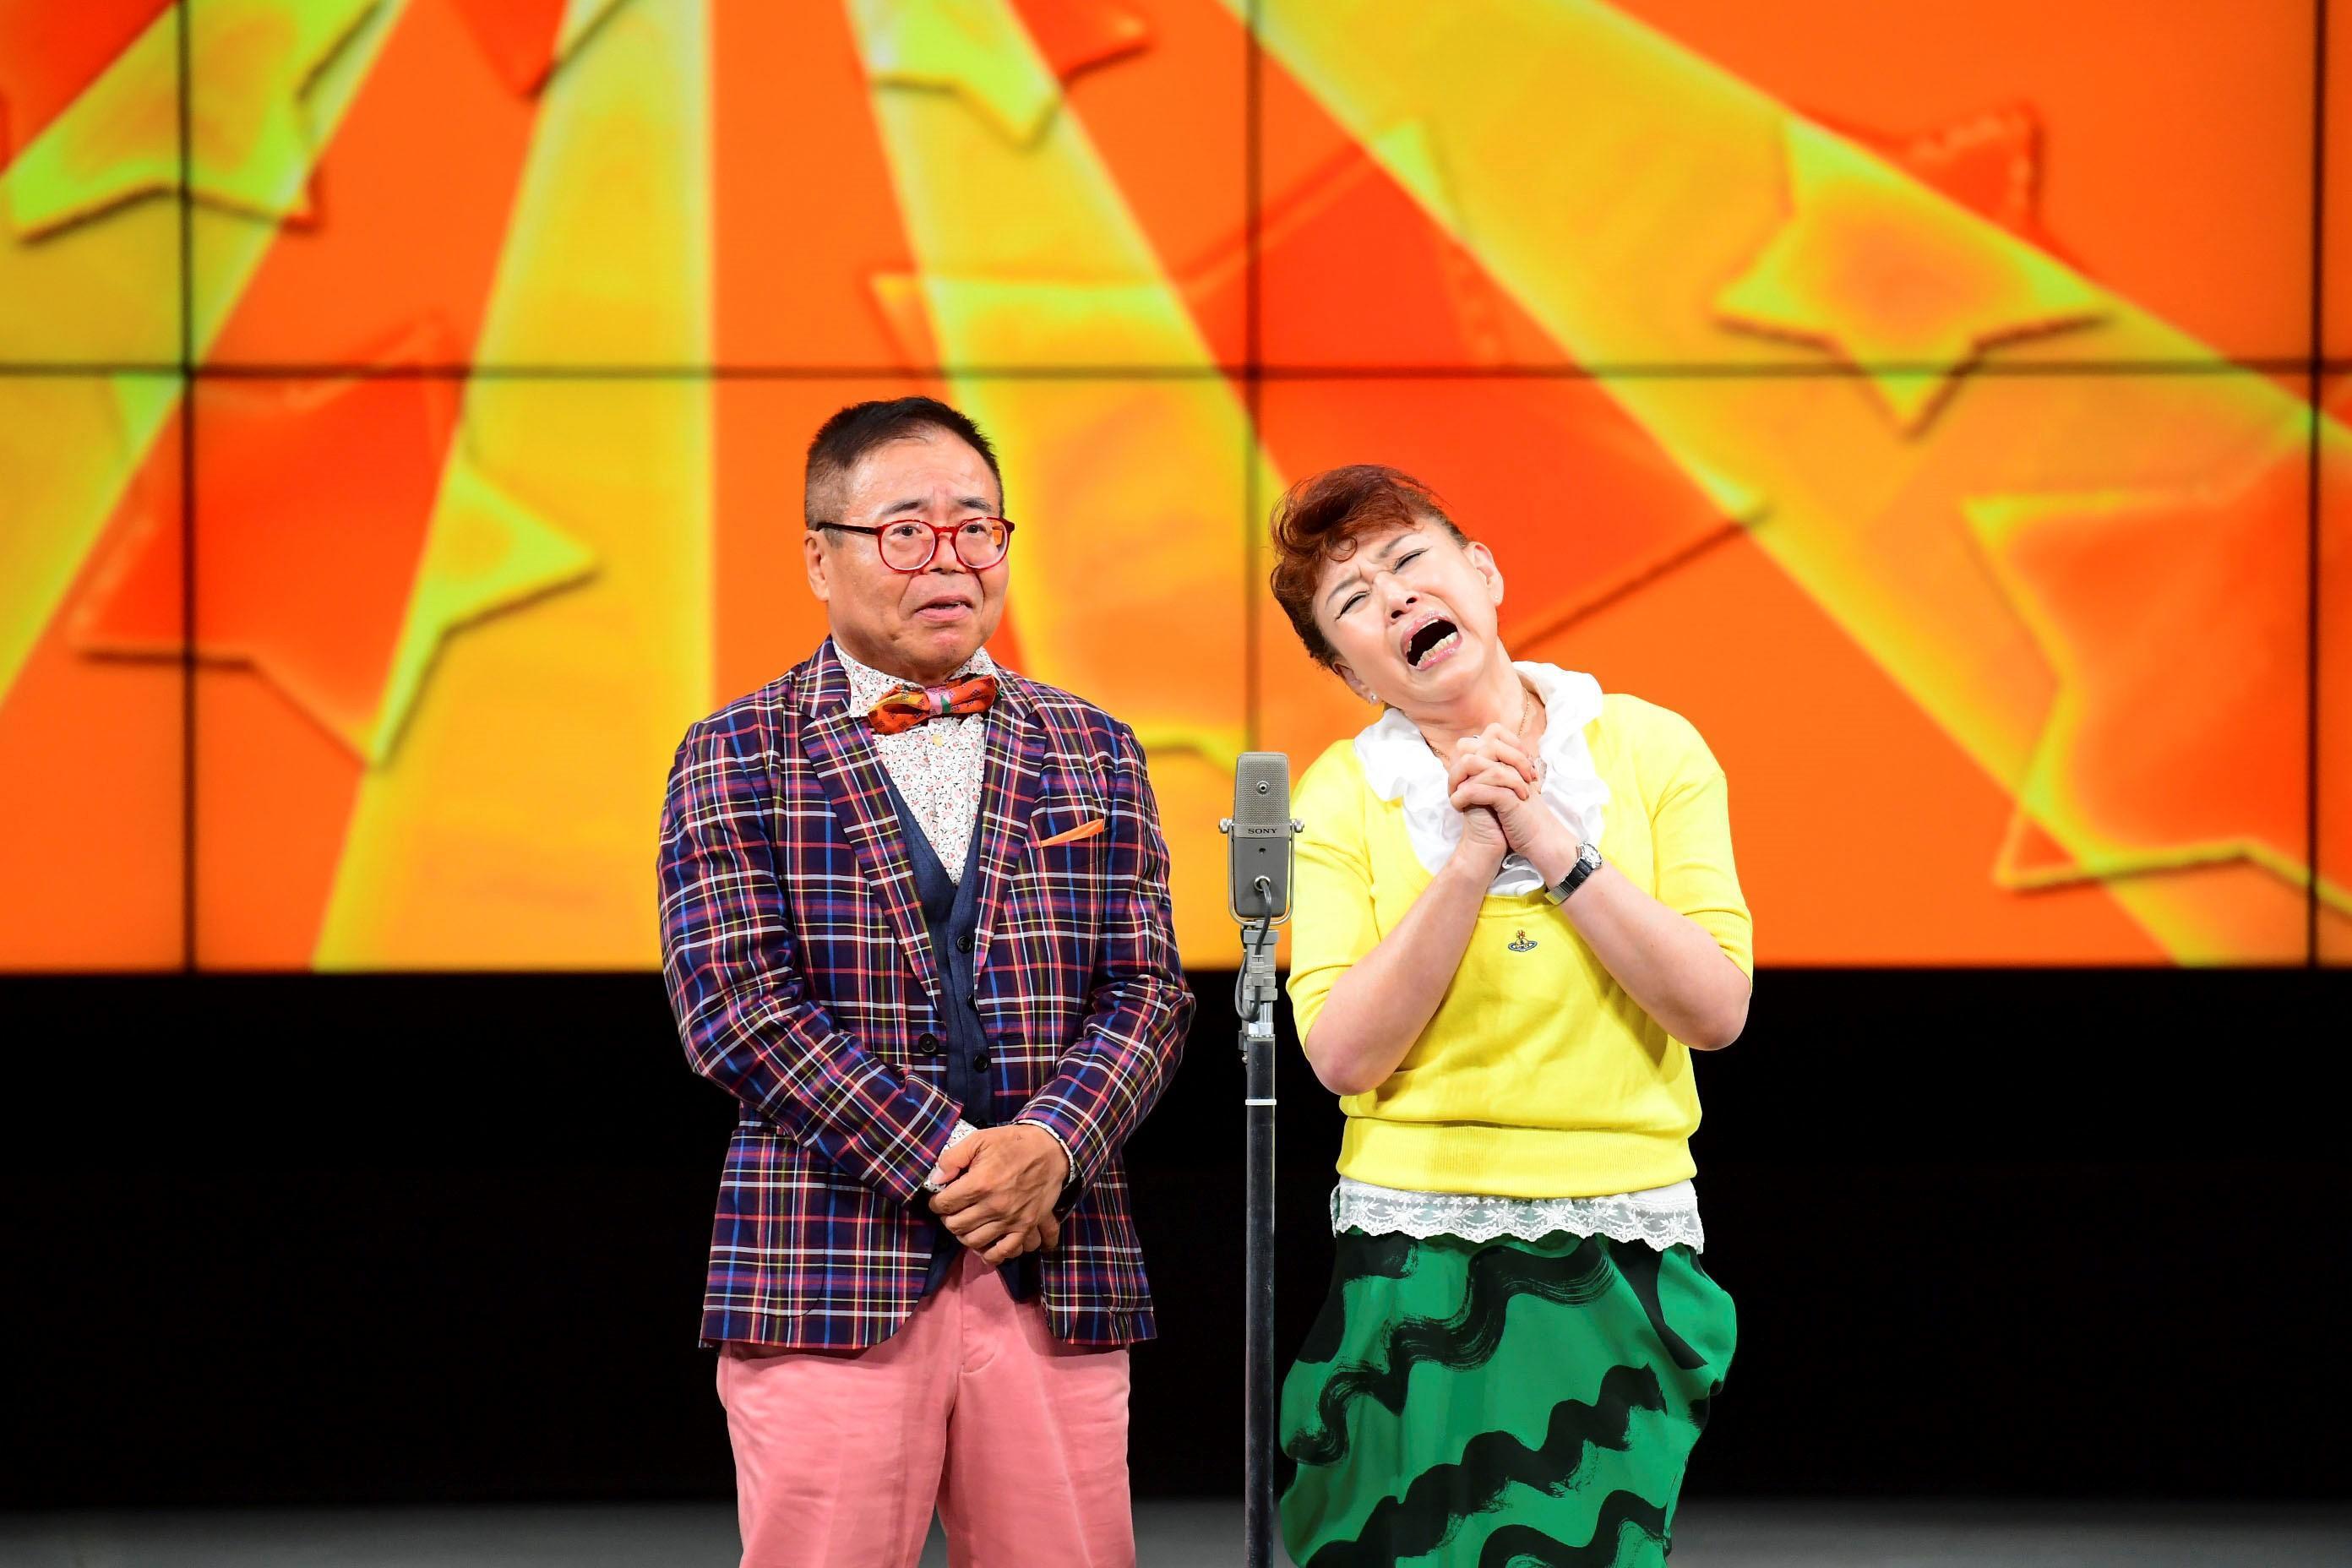 http://news.yoshimoto.co.jp/20170929191746-5a585950983f206faac9b7cad97df4147b7d7307.jpg